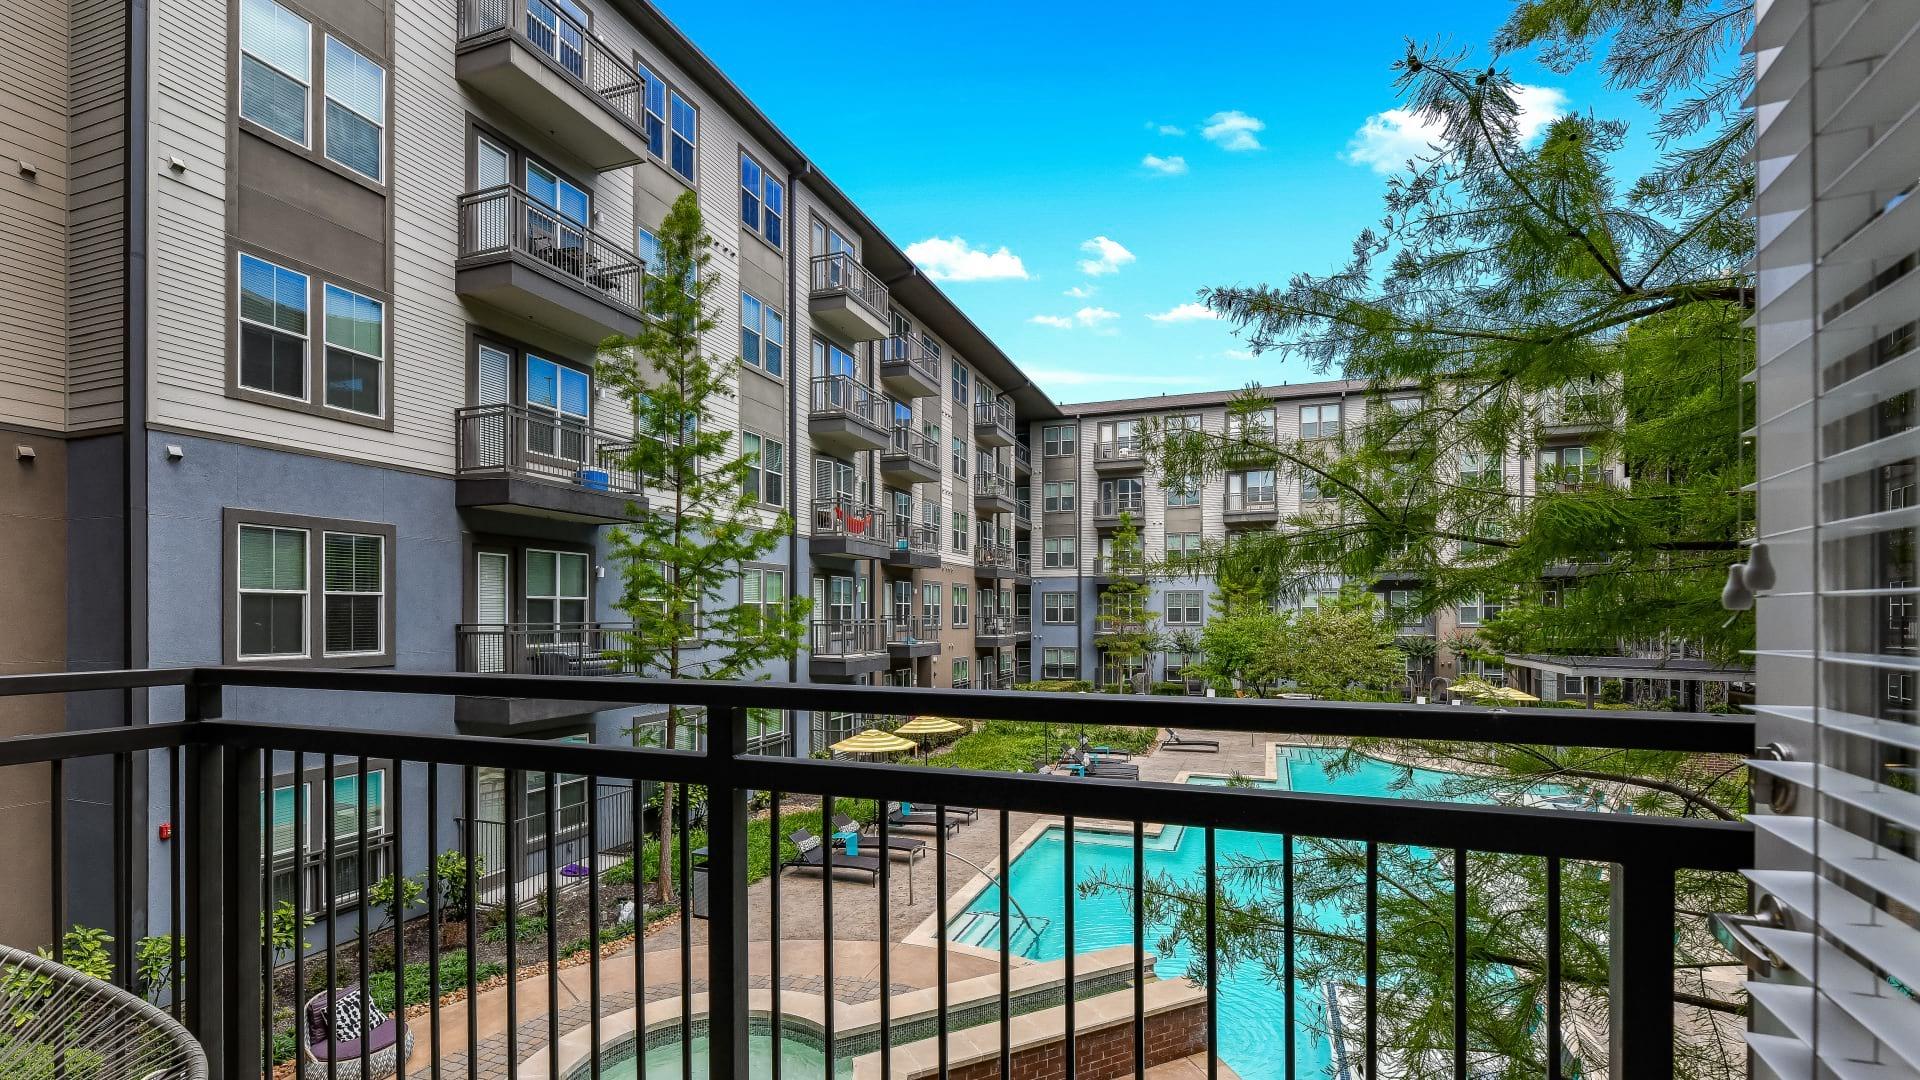 Oak Lawn Apartment